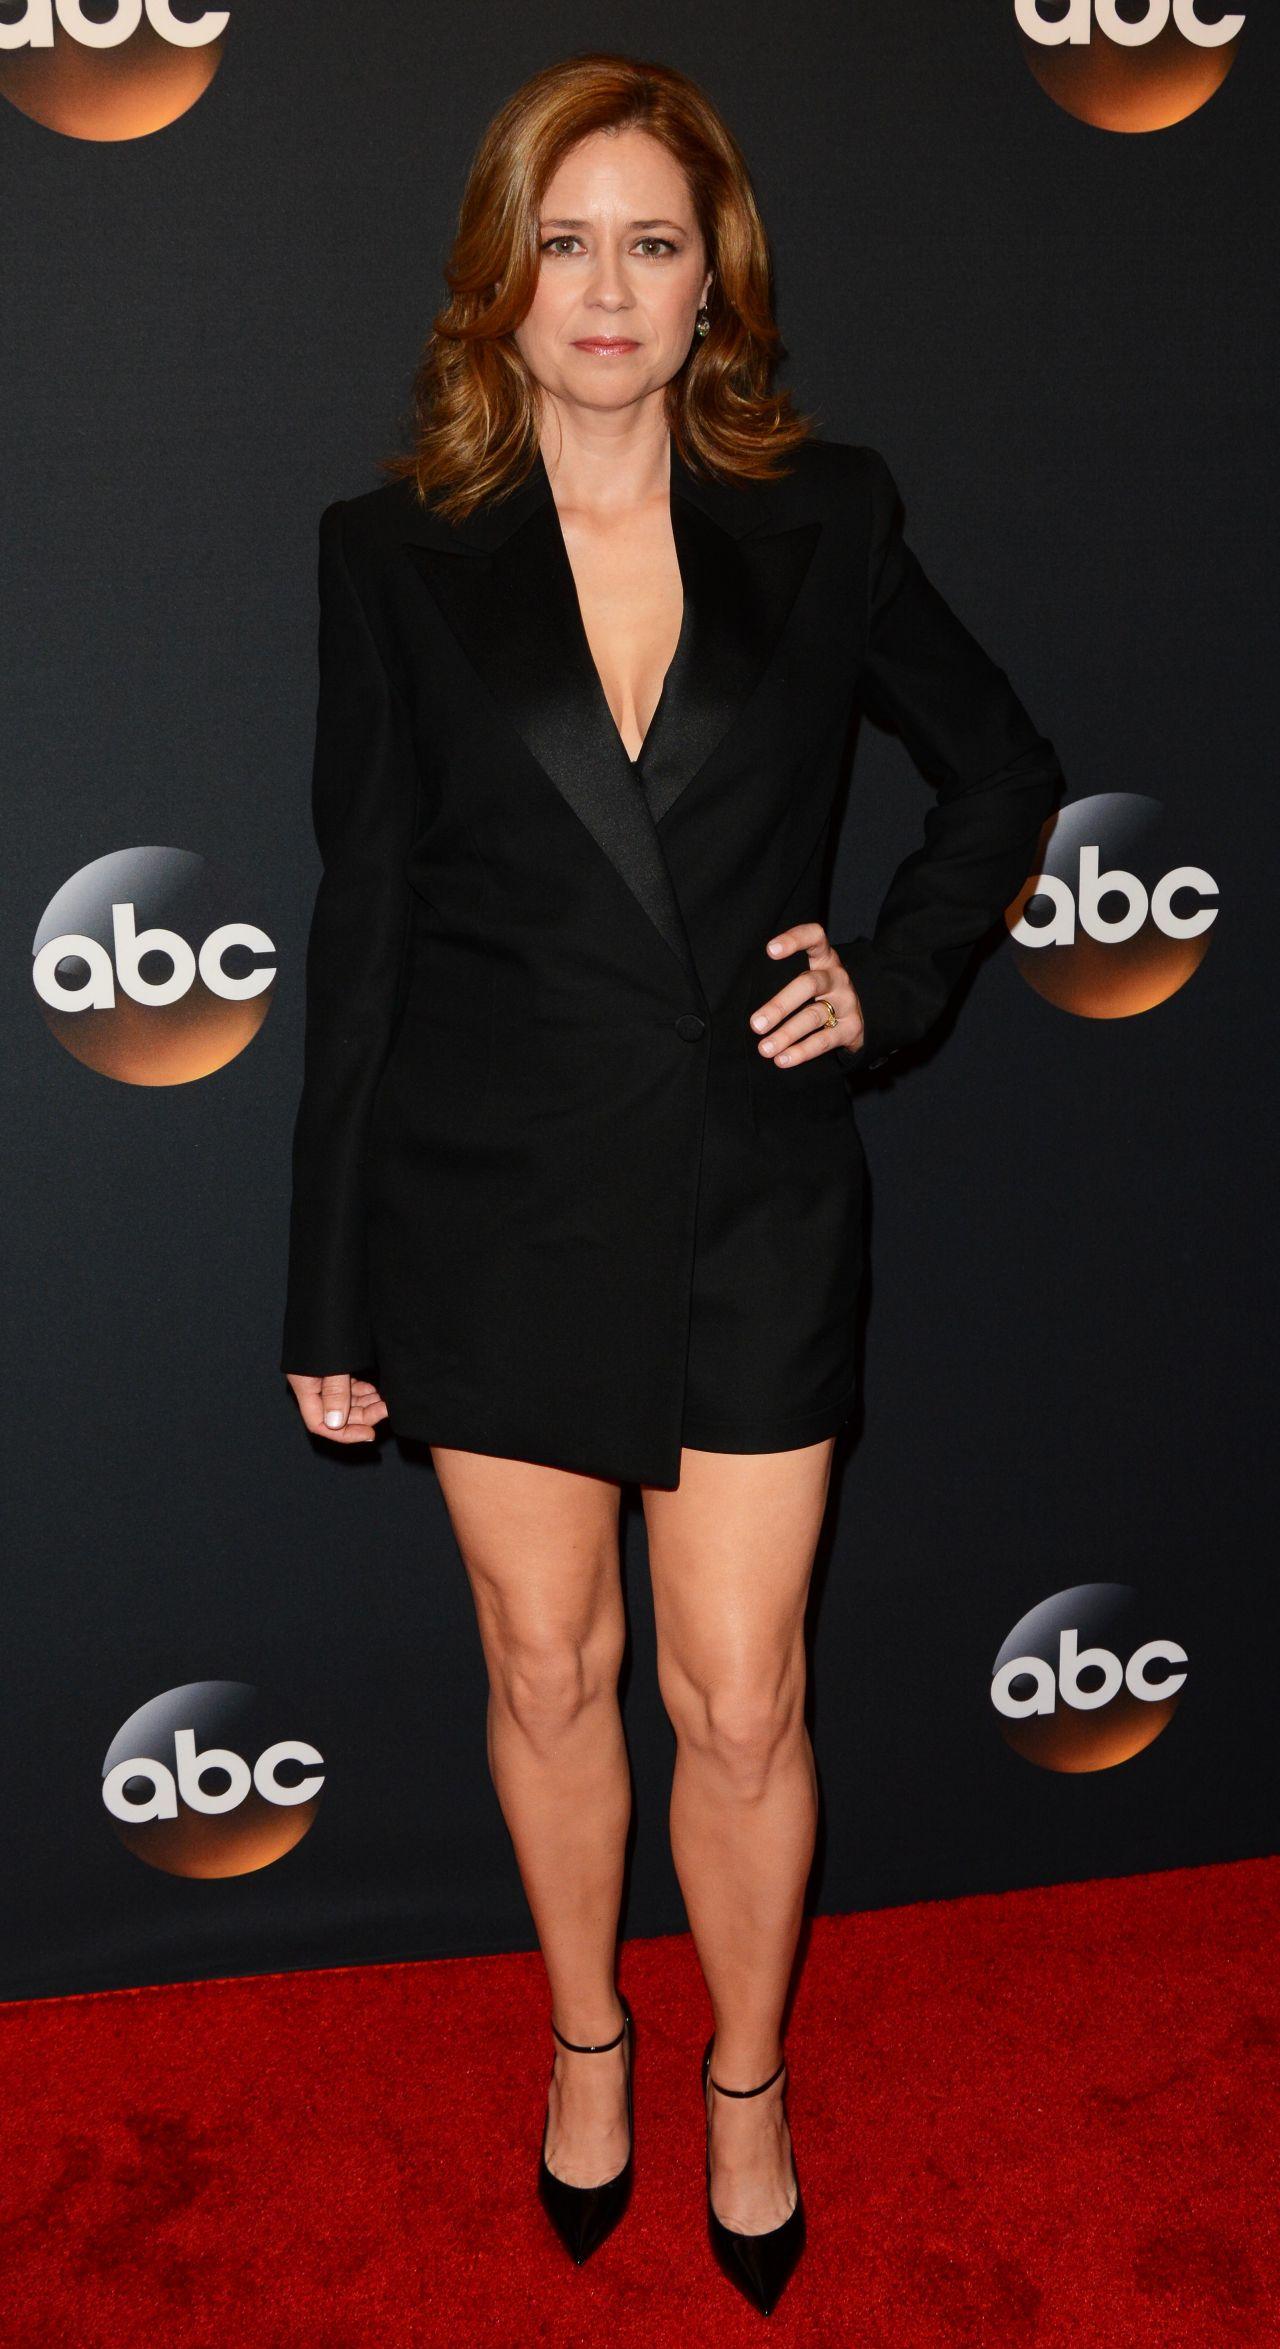 Jenna Fischer 2017